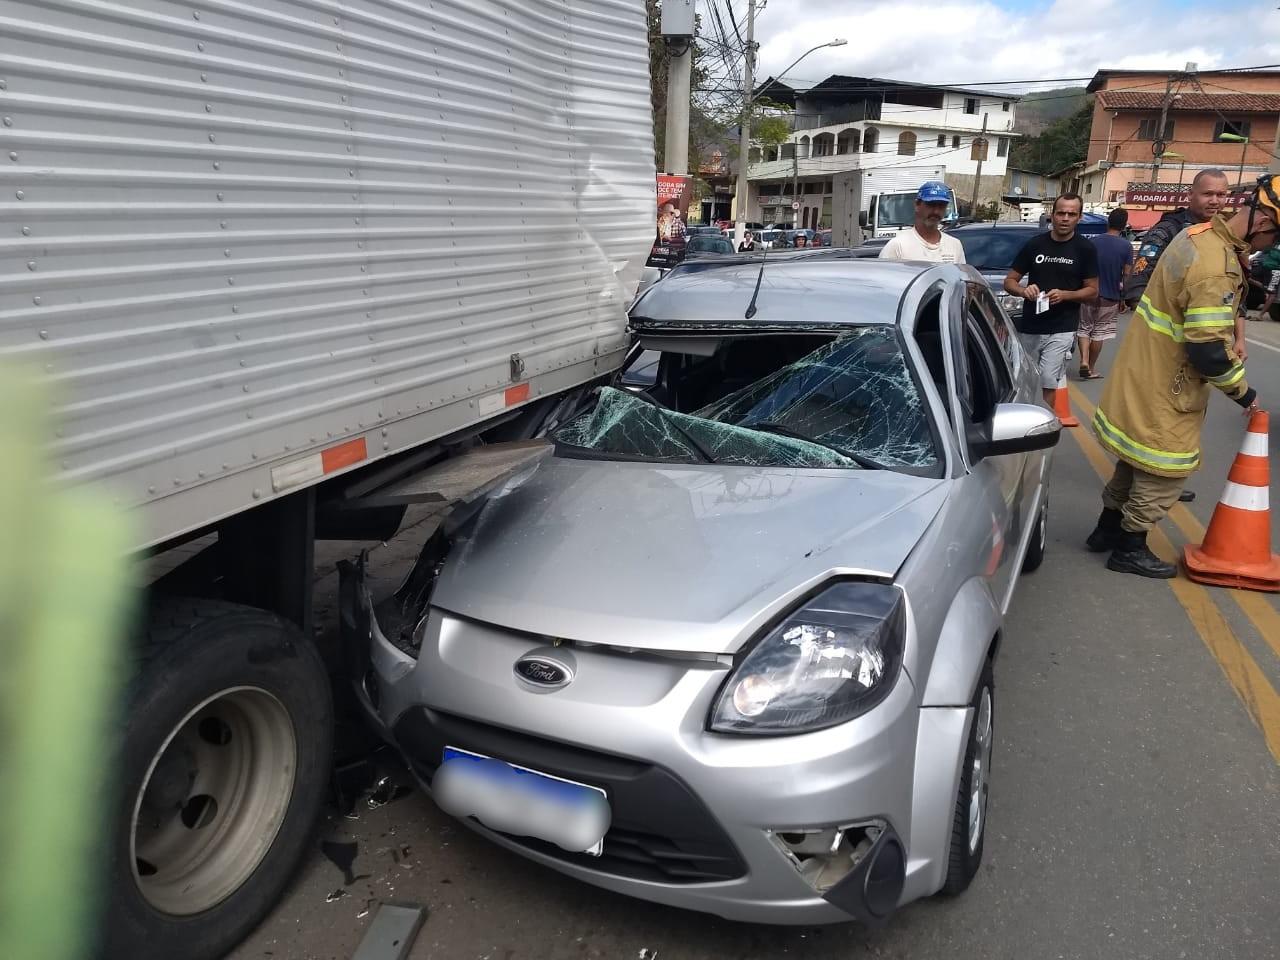 Duas pessoas escapam sem ferimentos de acidente entre caminhão e carro em Petrópolis, no RJ  - Notícias - Plantão Diário